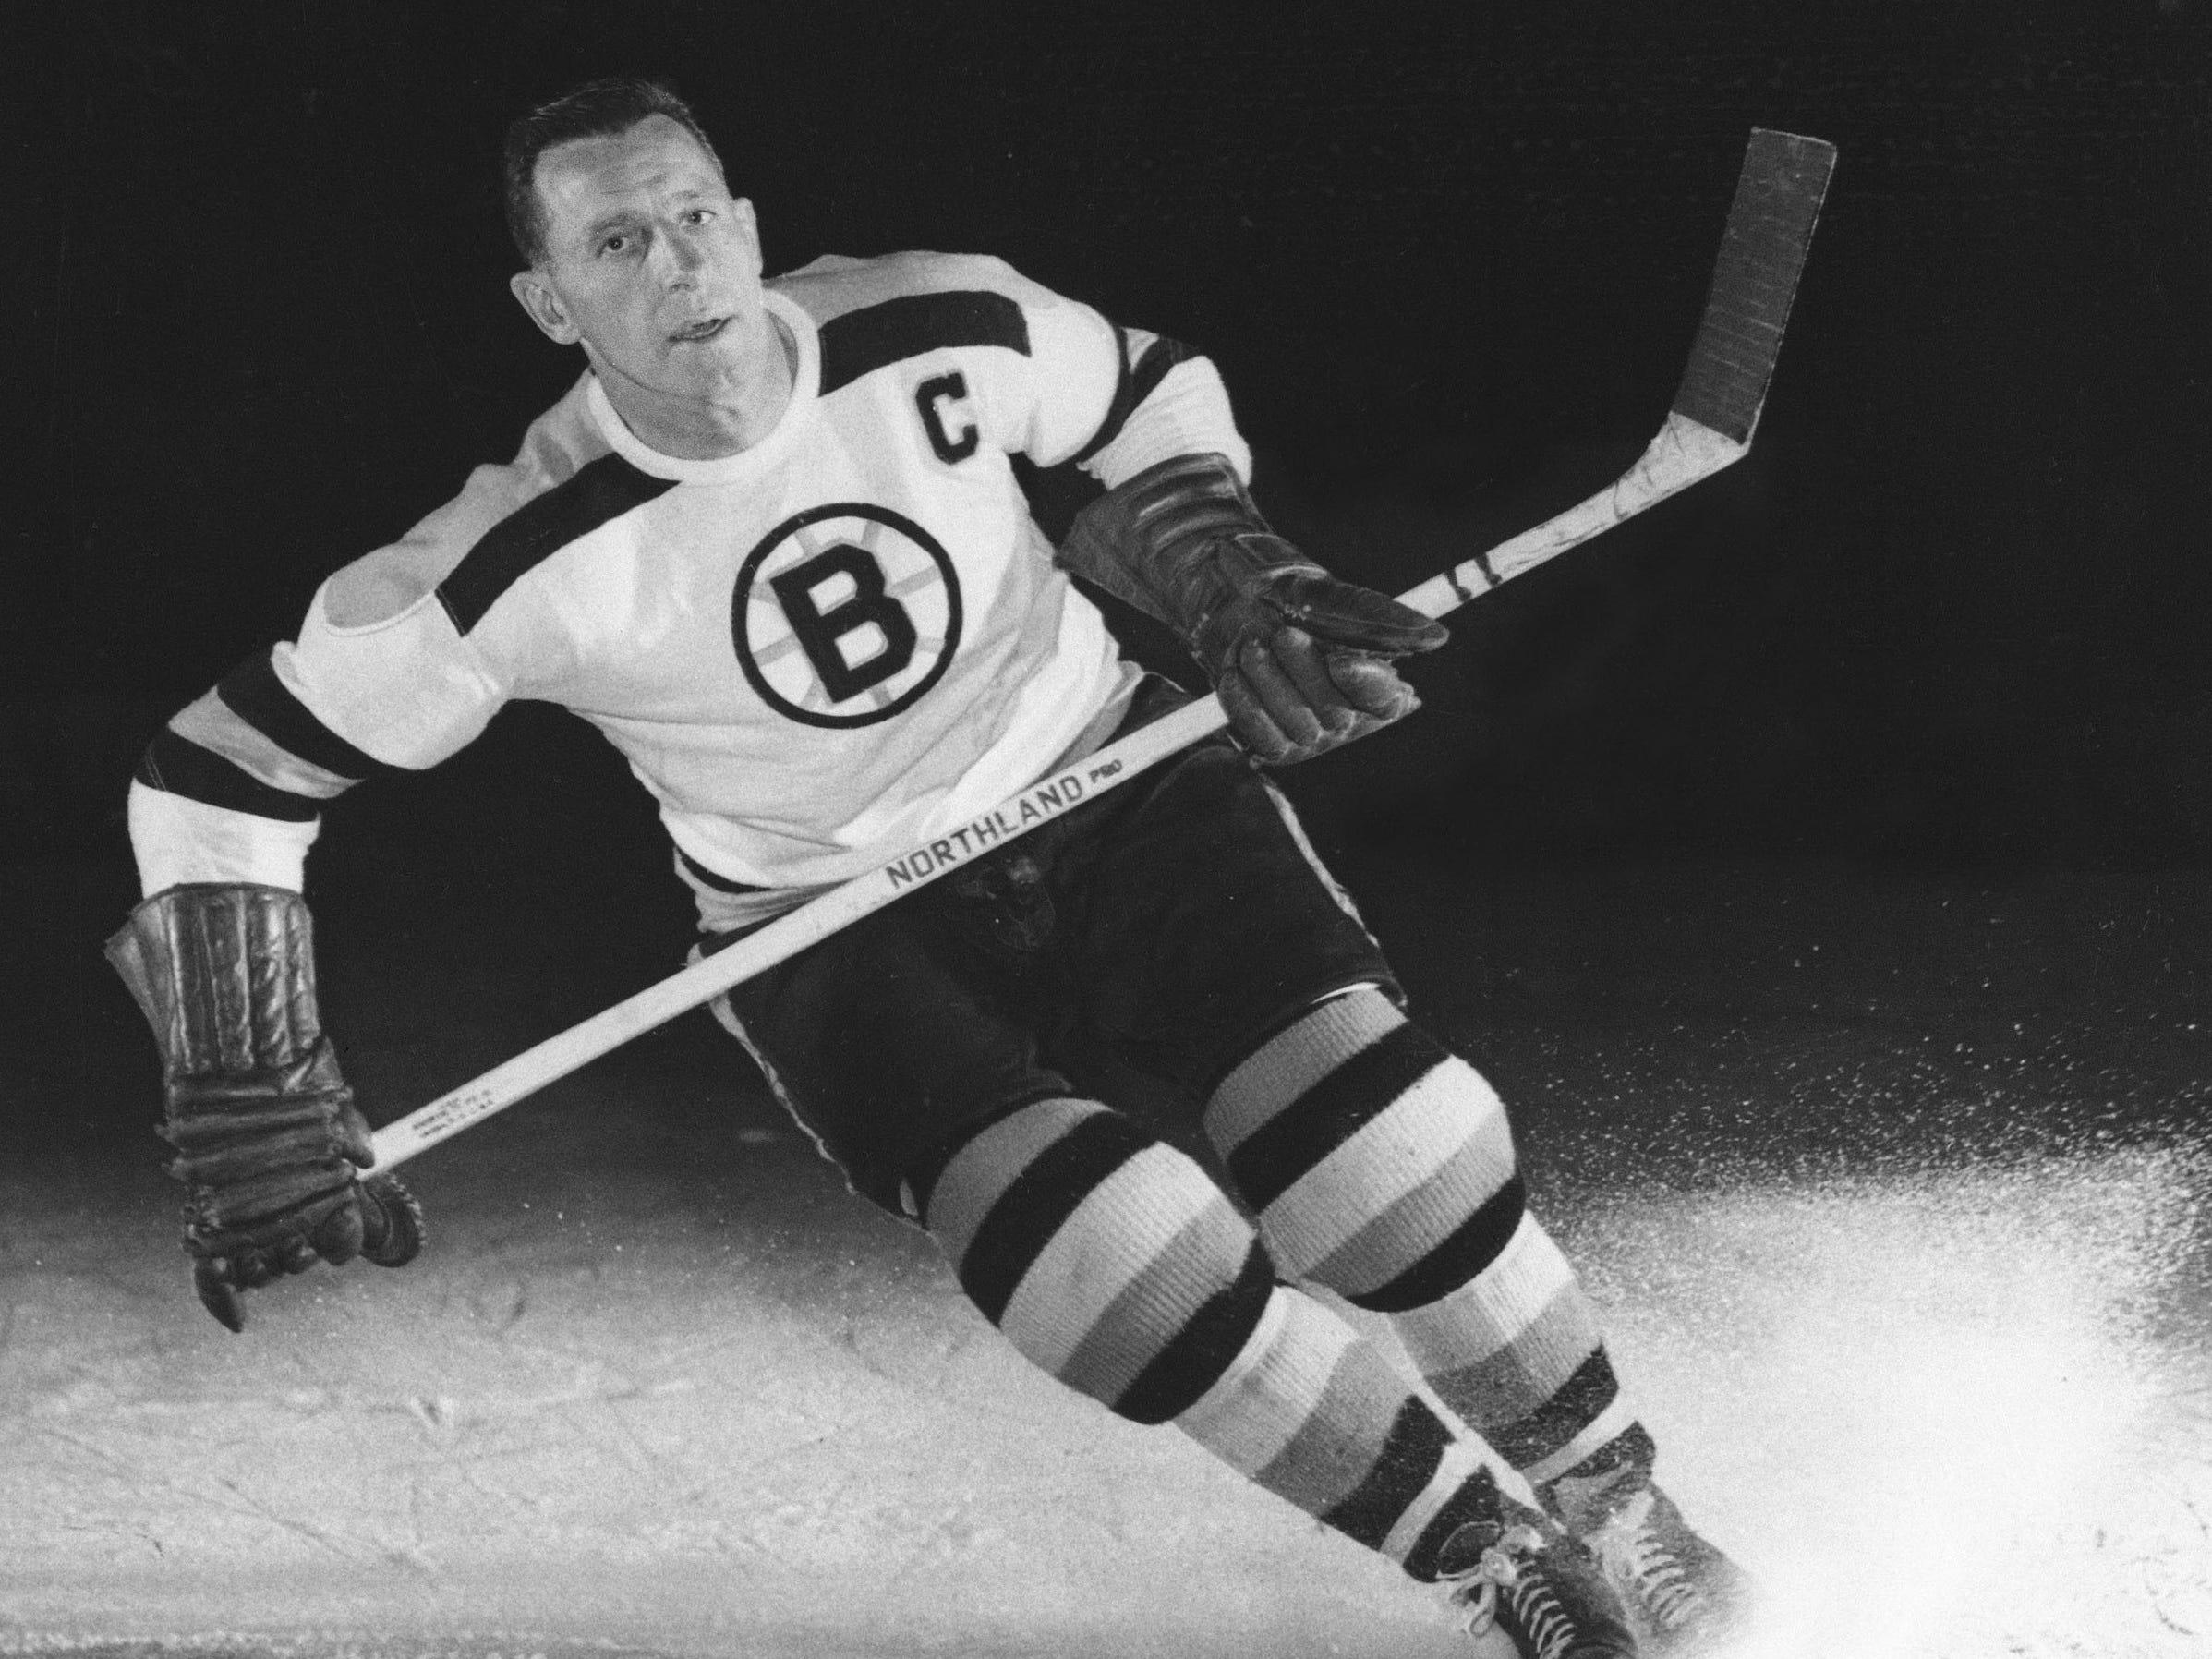 15. Milt Schmidt (1936-55)